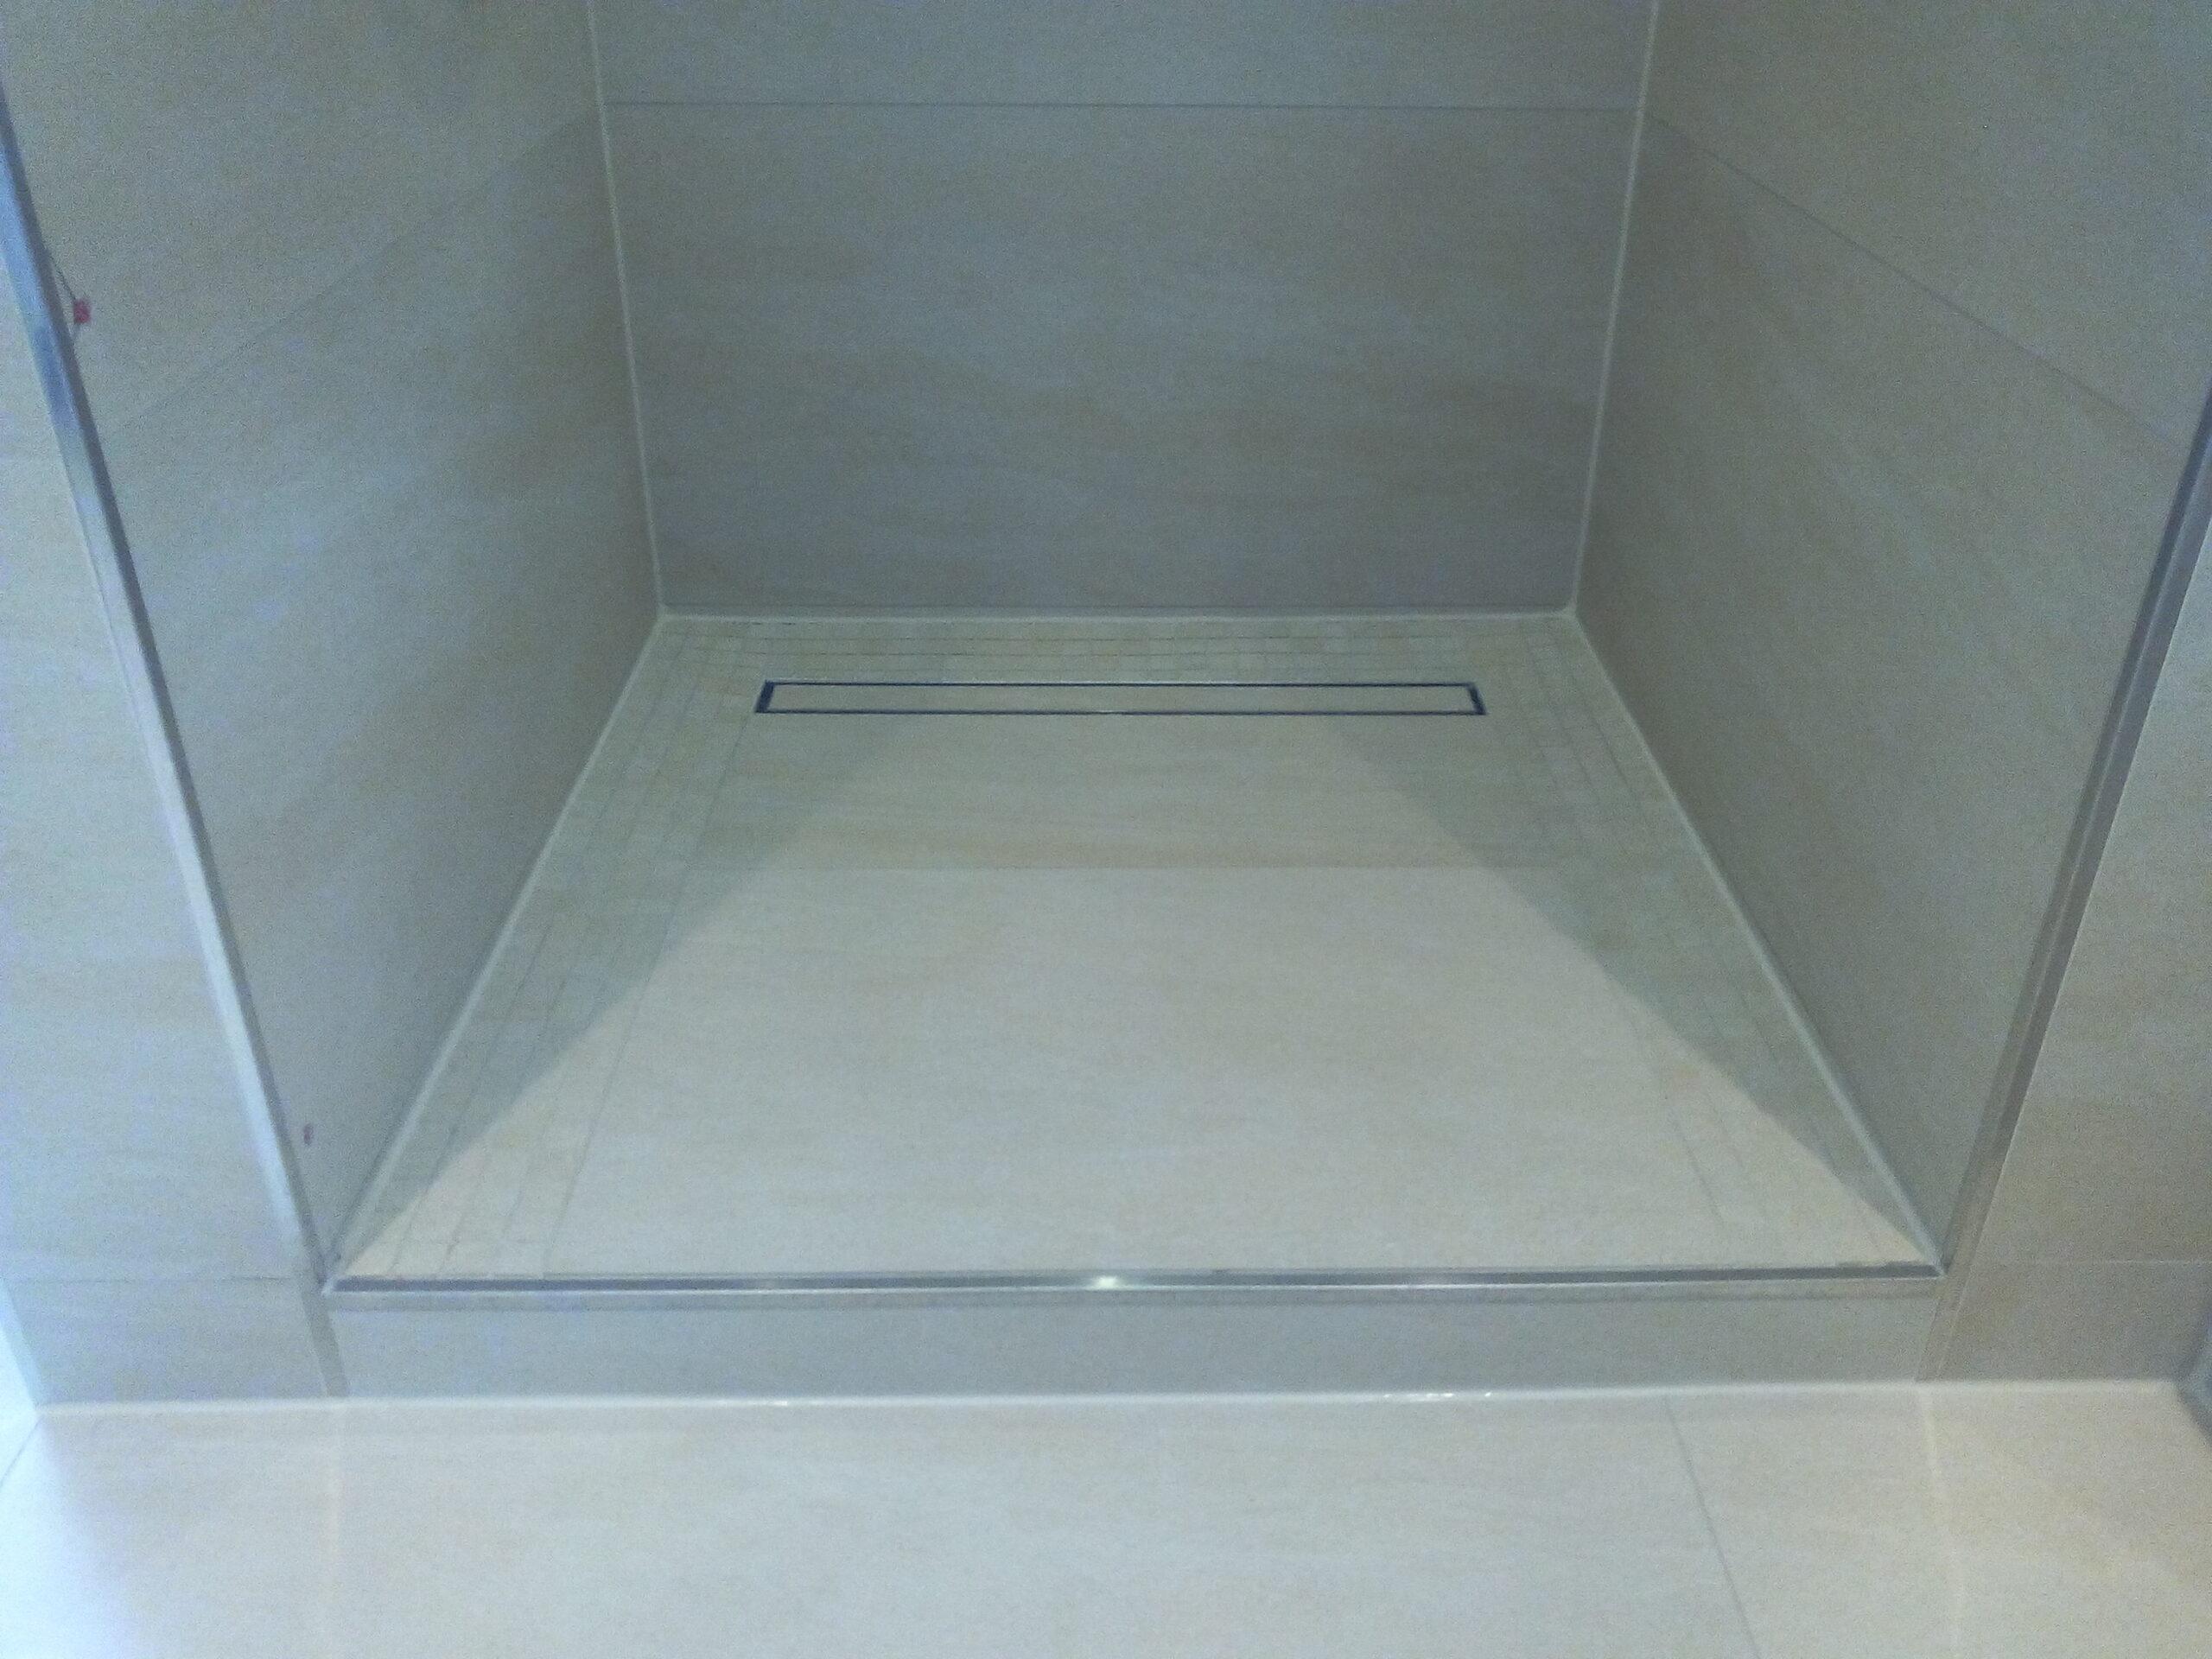 Full Size of Dusche Ebenerdig Badezimmer Sanieren Unterputz Armatur Begehbare Ohne Tür Bodengleiche Fliesen Abfluss Antirutschmatte Nischentür Kaufen Badewanne Mit Und Dusche Dusche Ebenerdig